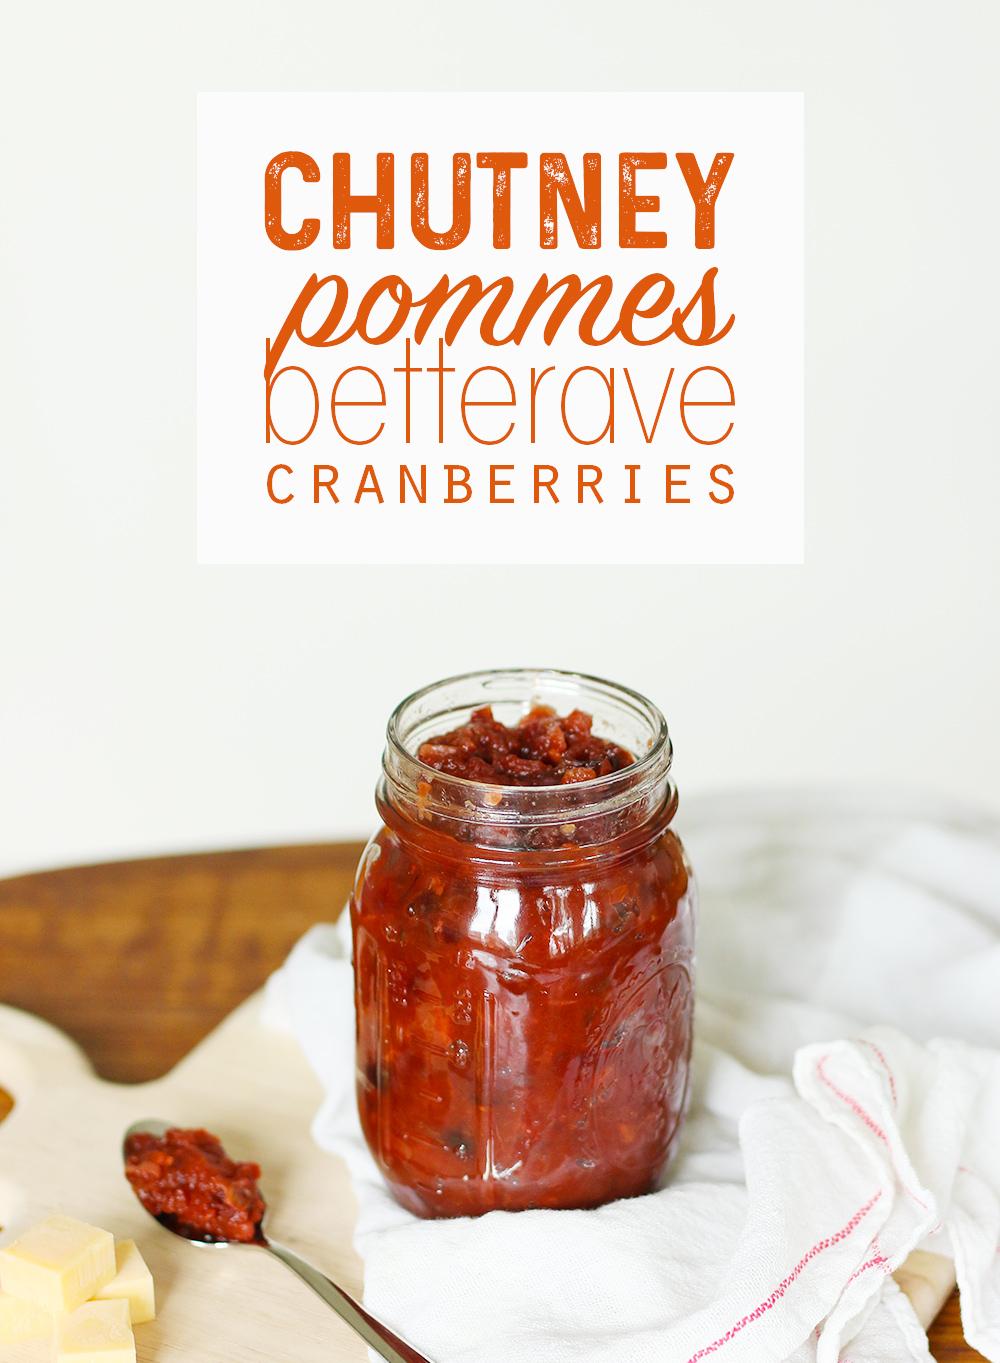 Chutney épicé aux pommes, betterave et cranberries - Mango & Salt